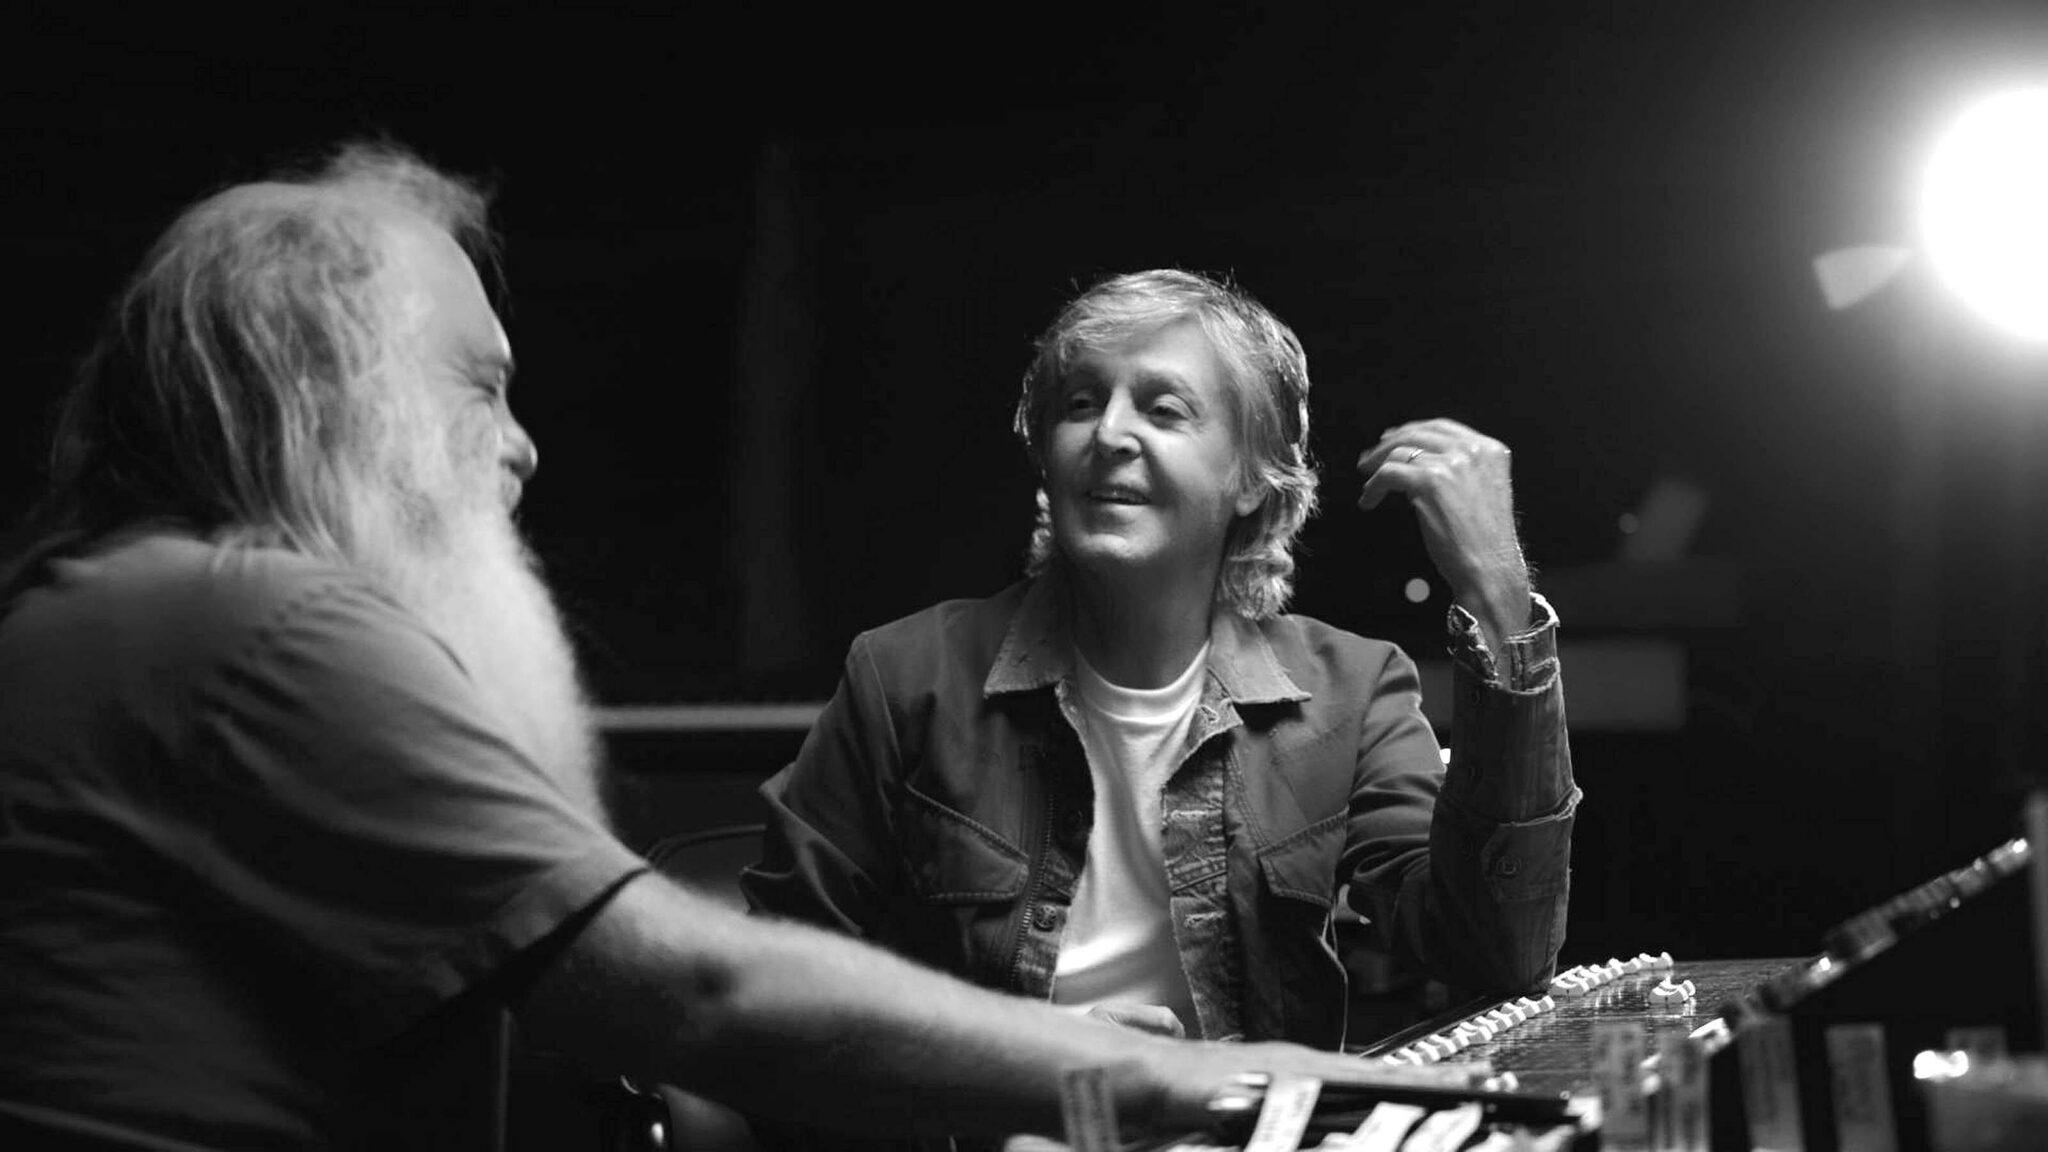 Eine schwarzweiße Aufnahme mit Paul McCartney in der Mitte und auf der linken Seite im Profil Rick Rubin